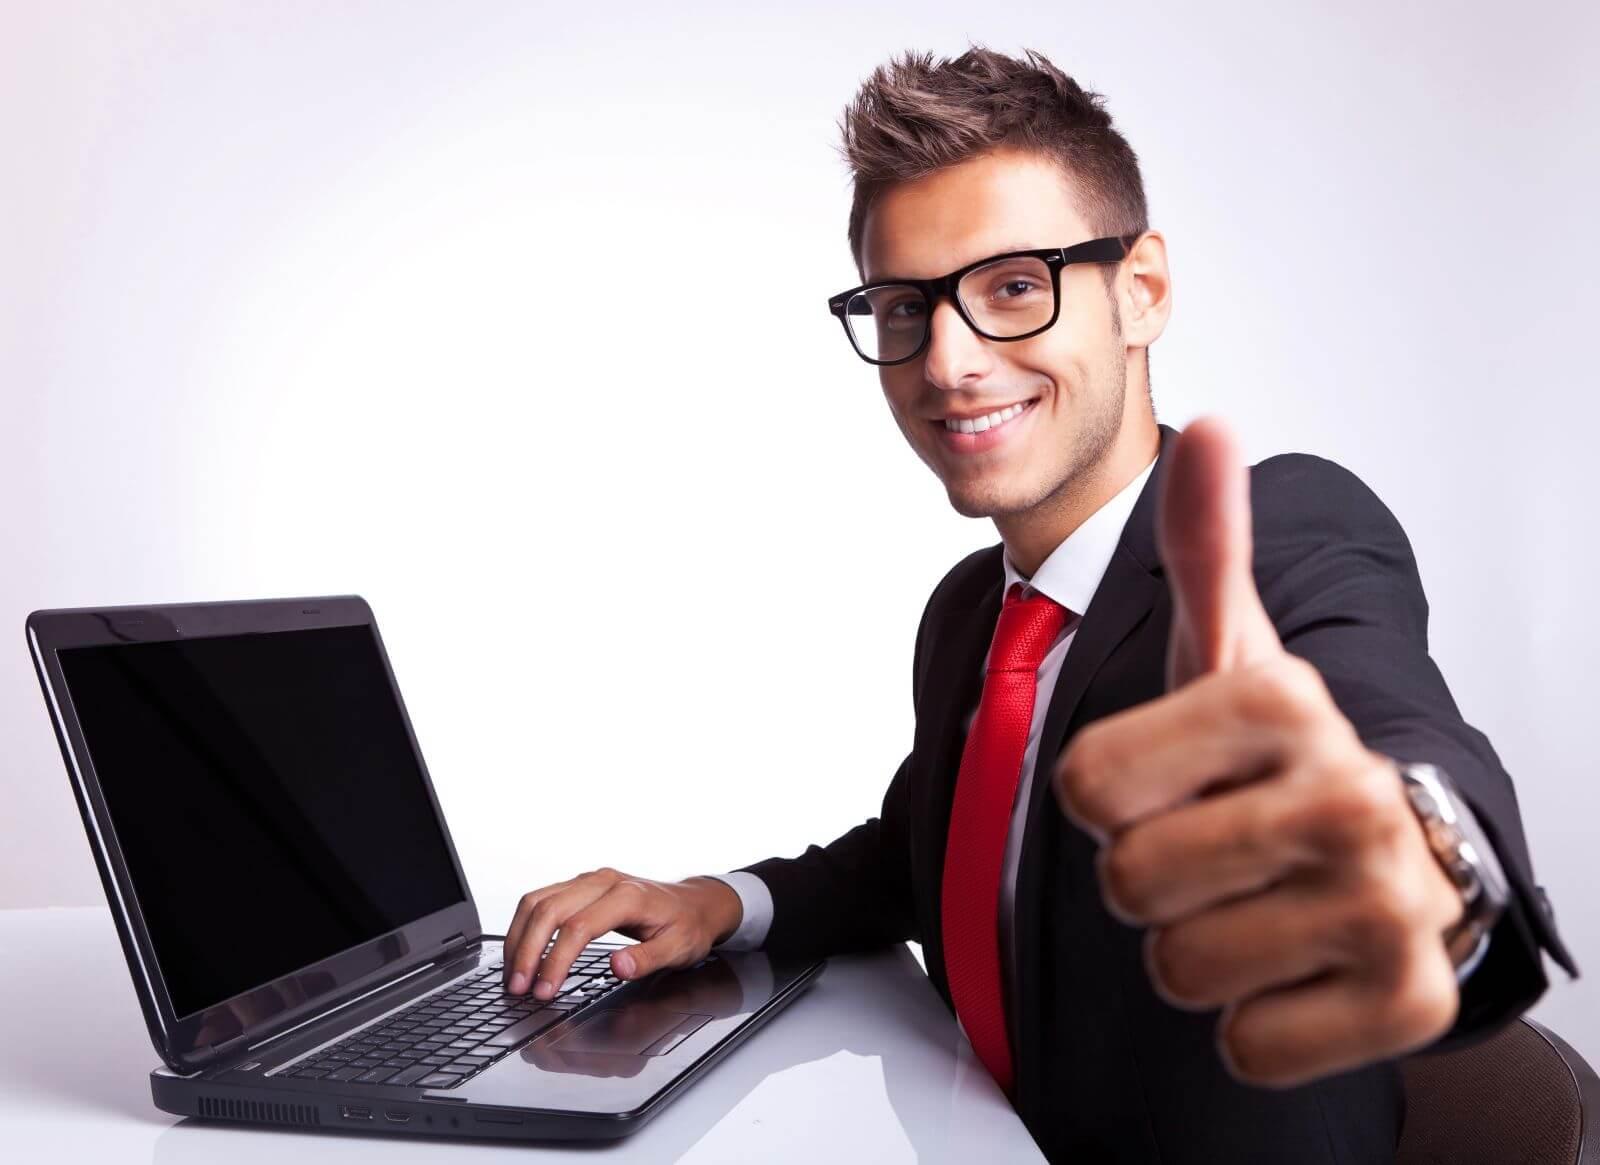 Постановка на учет в качестве индивидуального предпринимателя